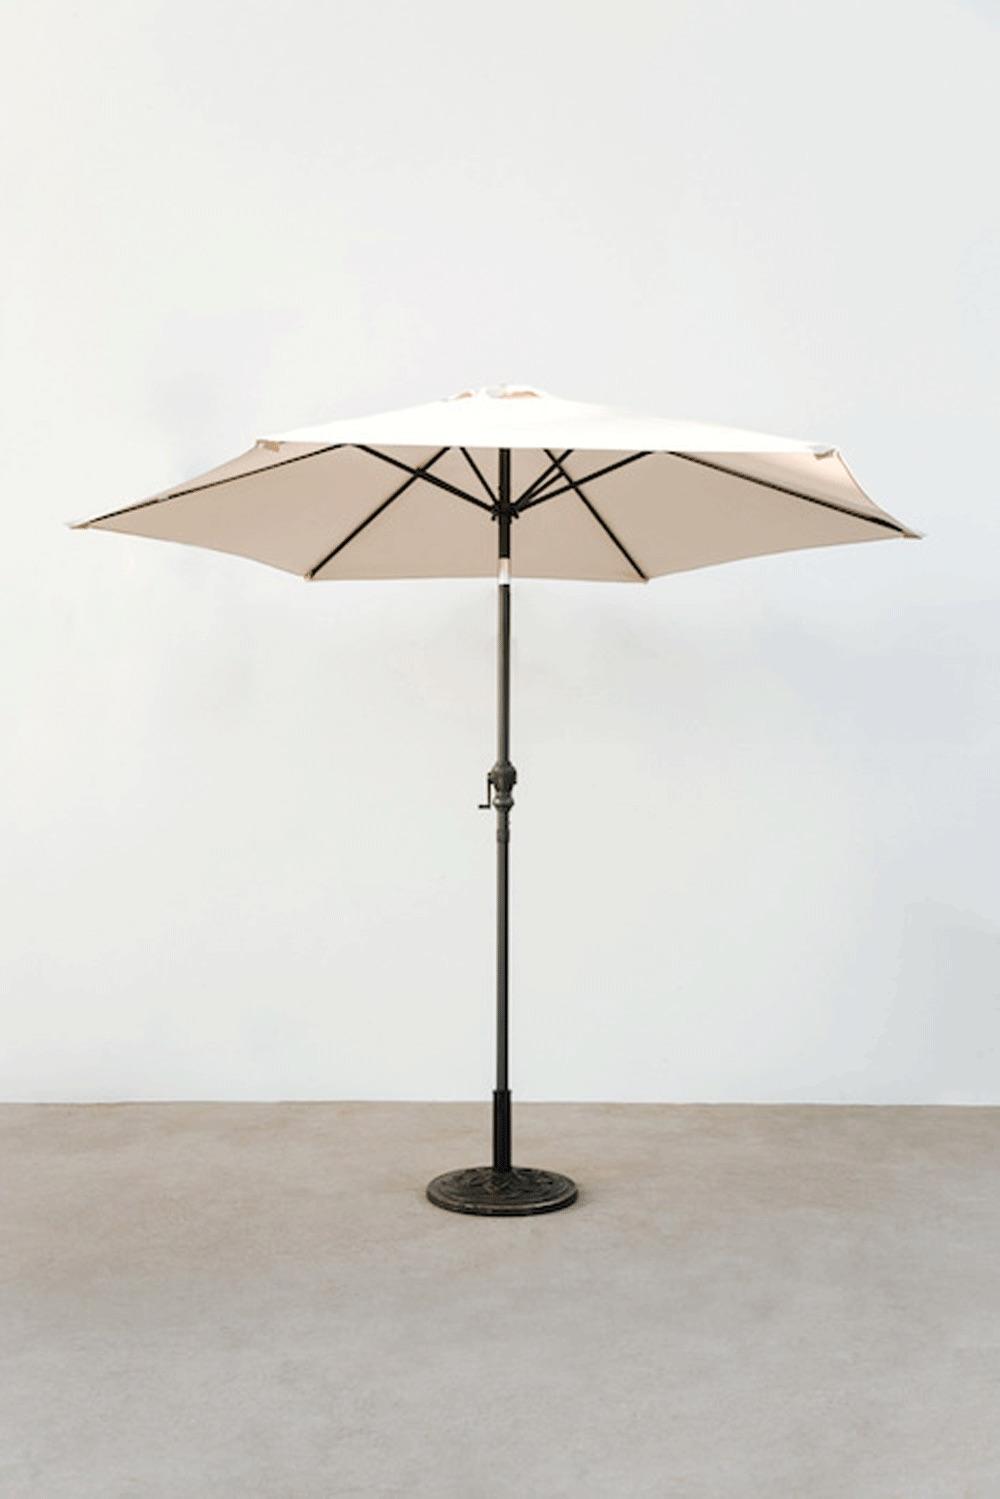 Umbrella $50